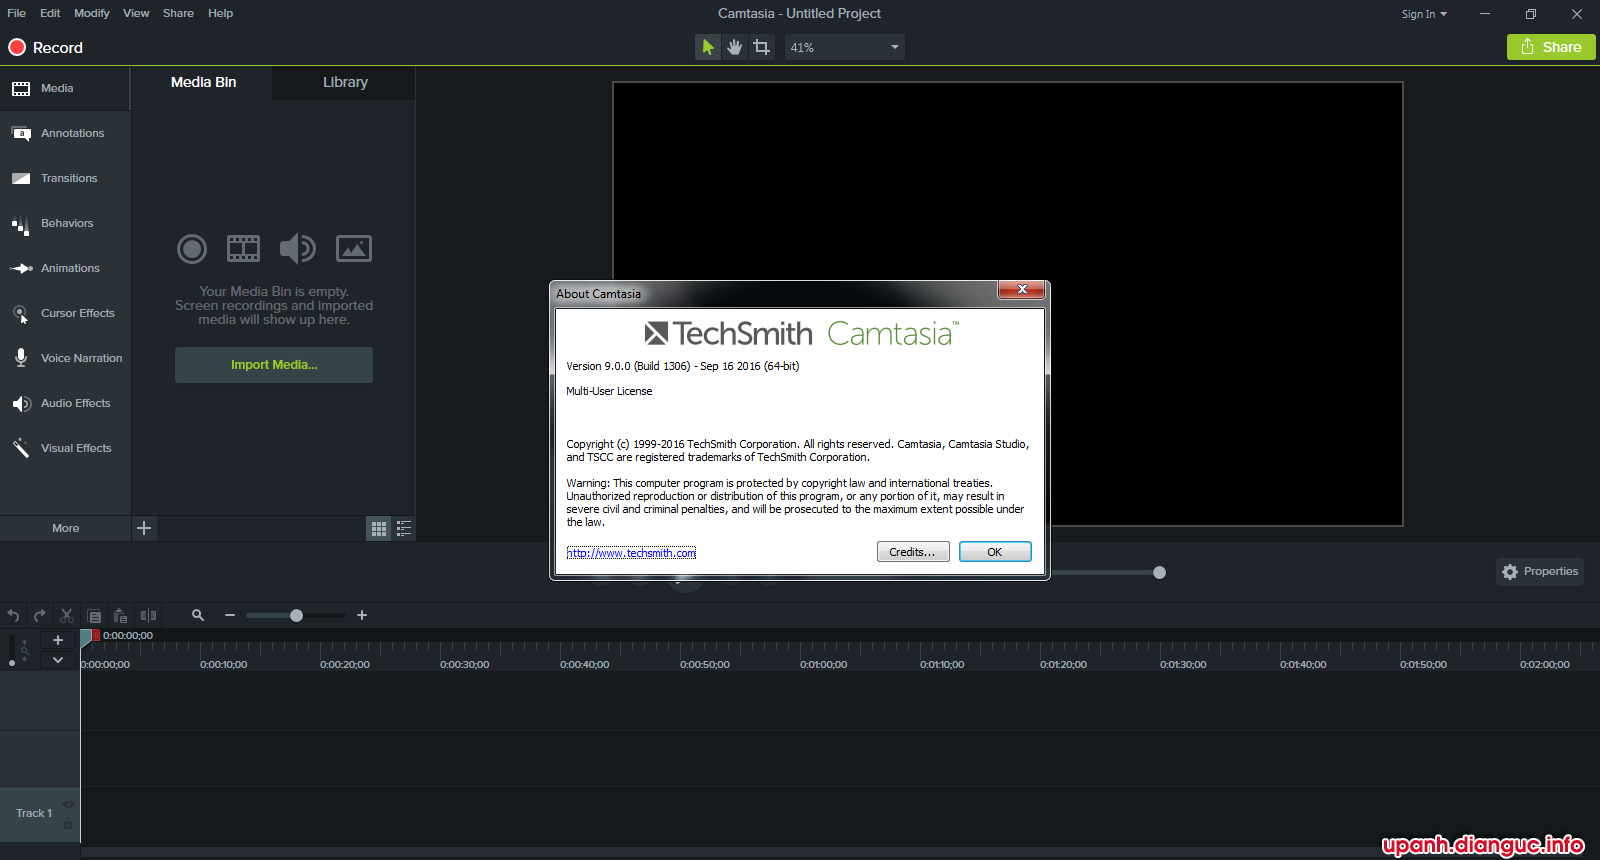 Download Camtasia Studio 9 Full Crack – Phần mềm biên tập video chuyên nghiệp